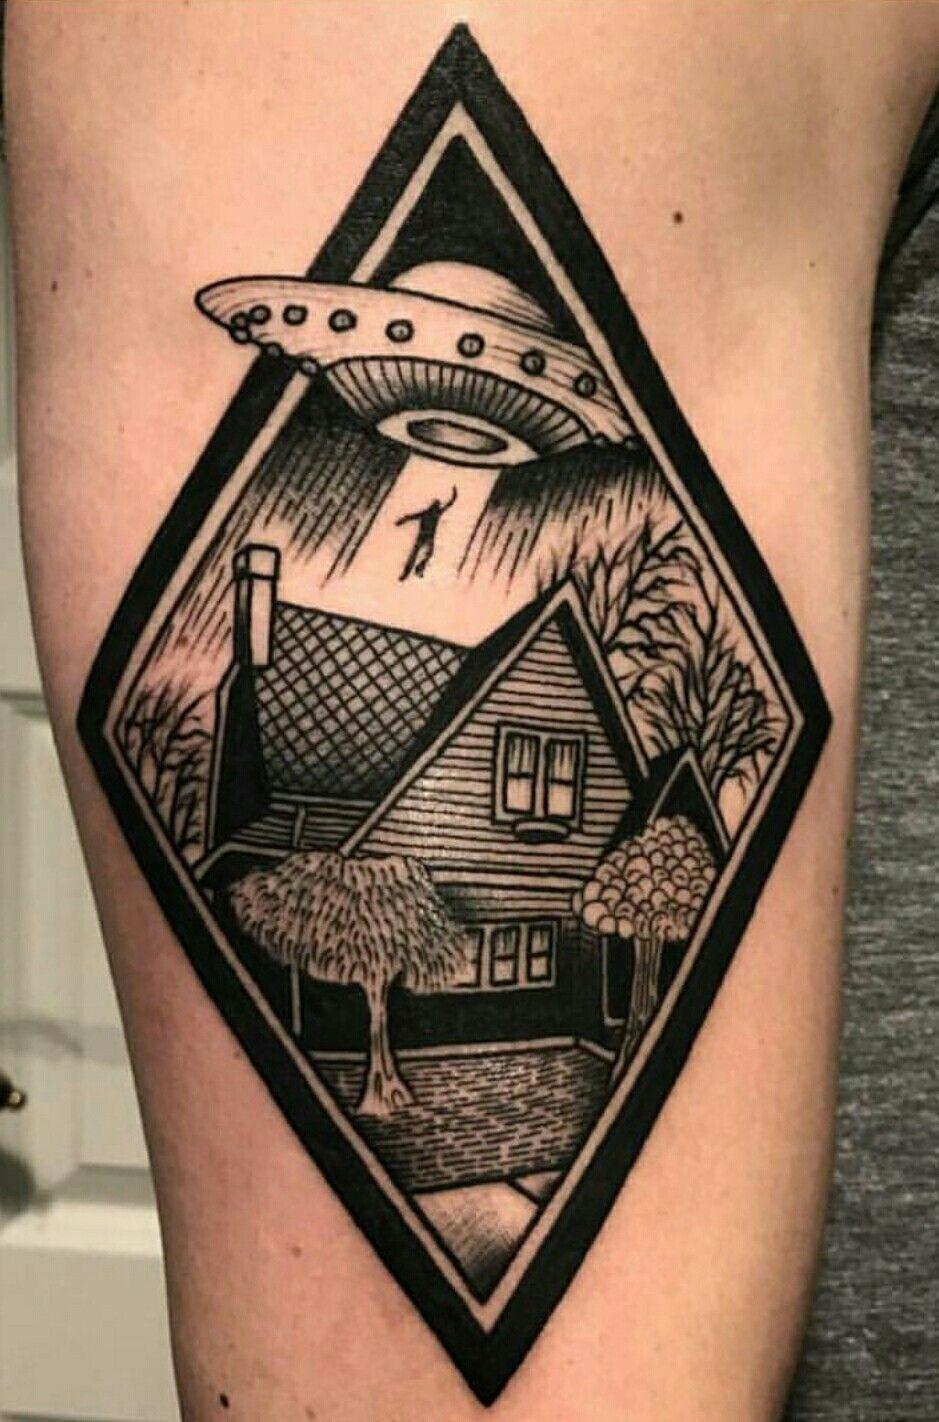 Pin by Dan Taylor on Tattoo ideas